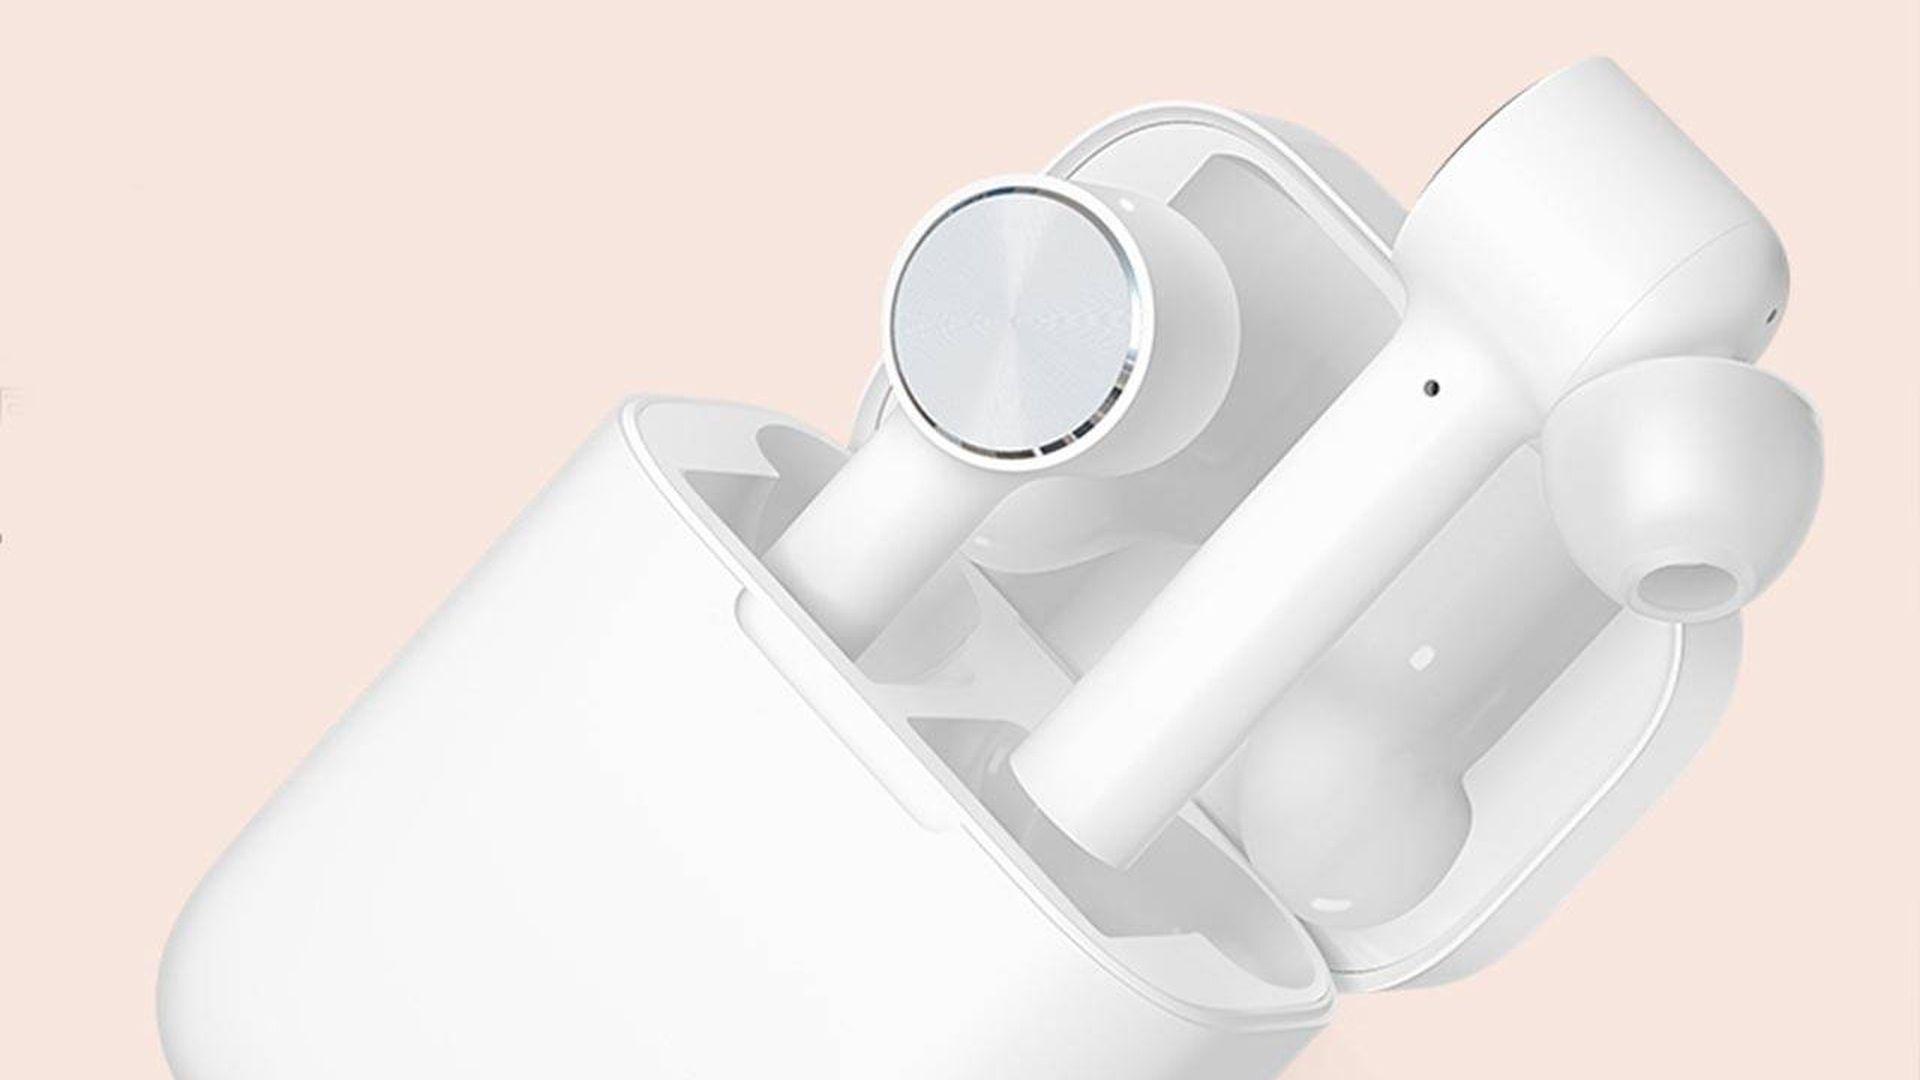 Xiaomi pokazuję swoją wersje słuchawek AirPods